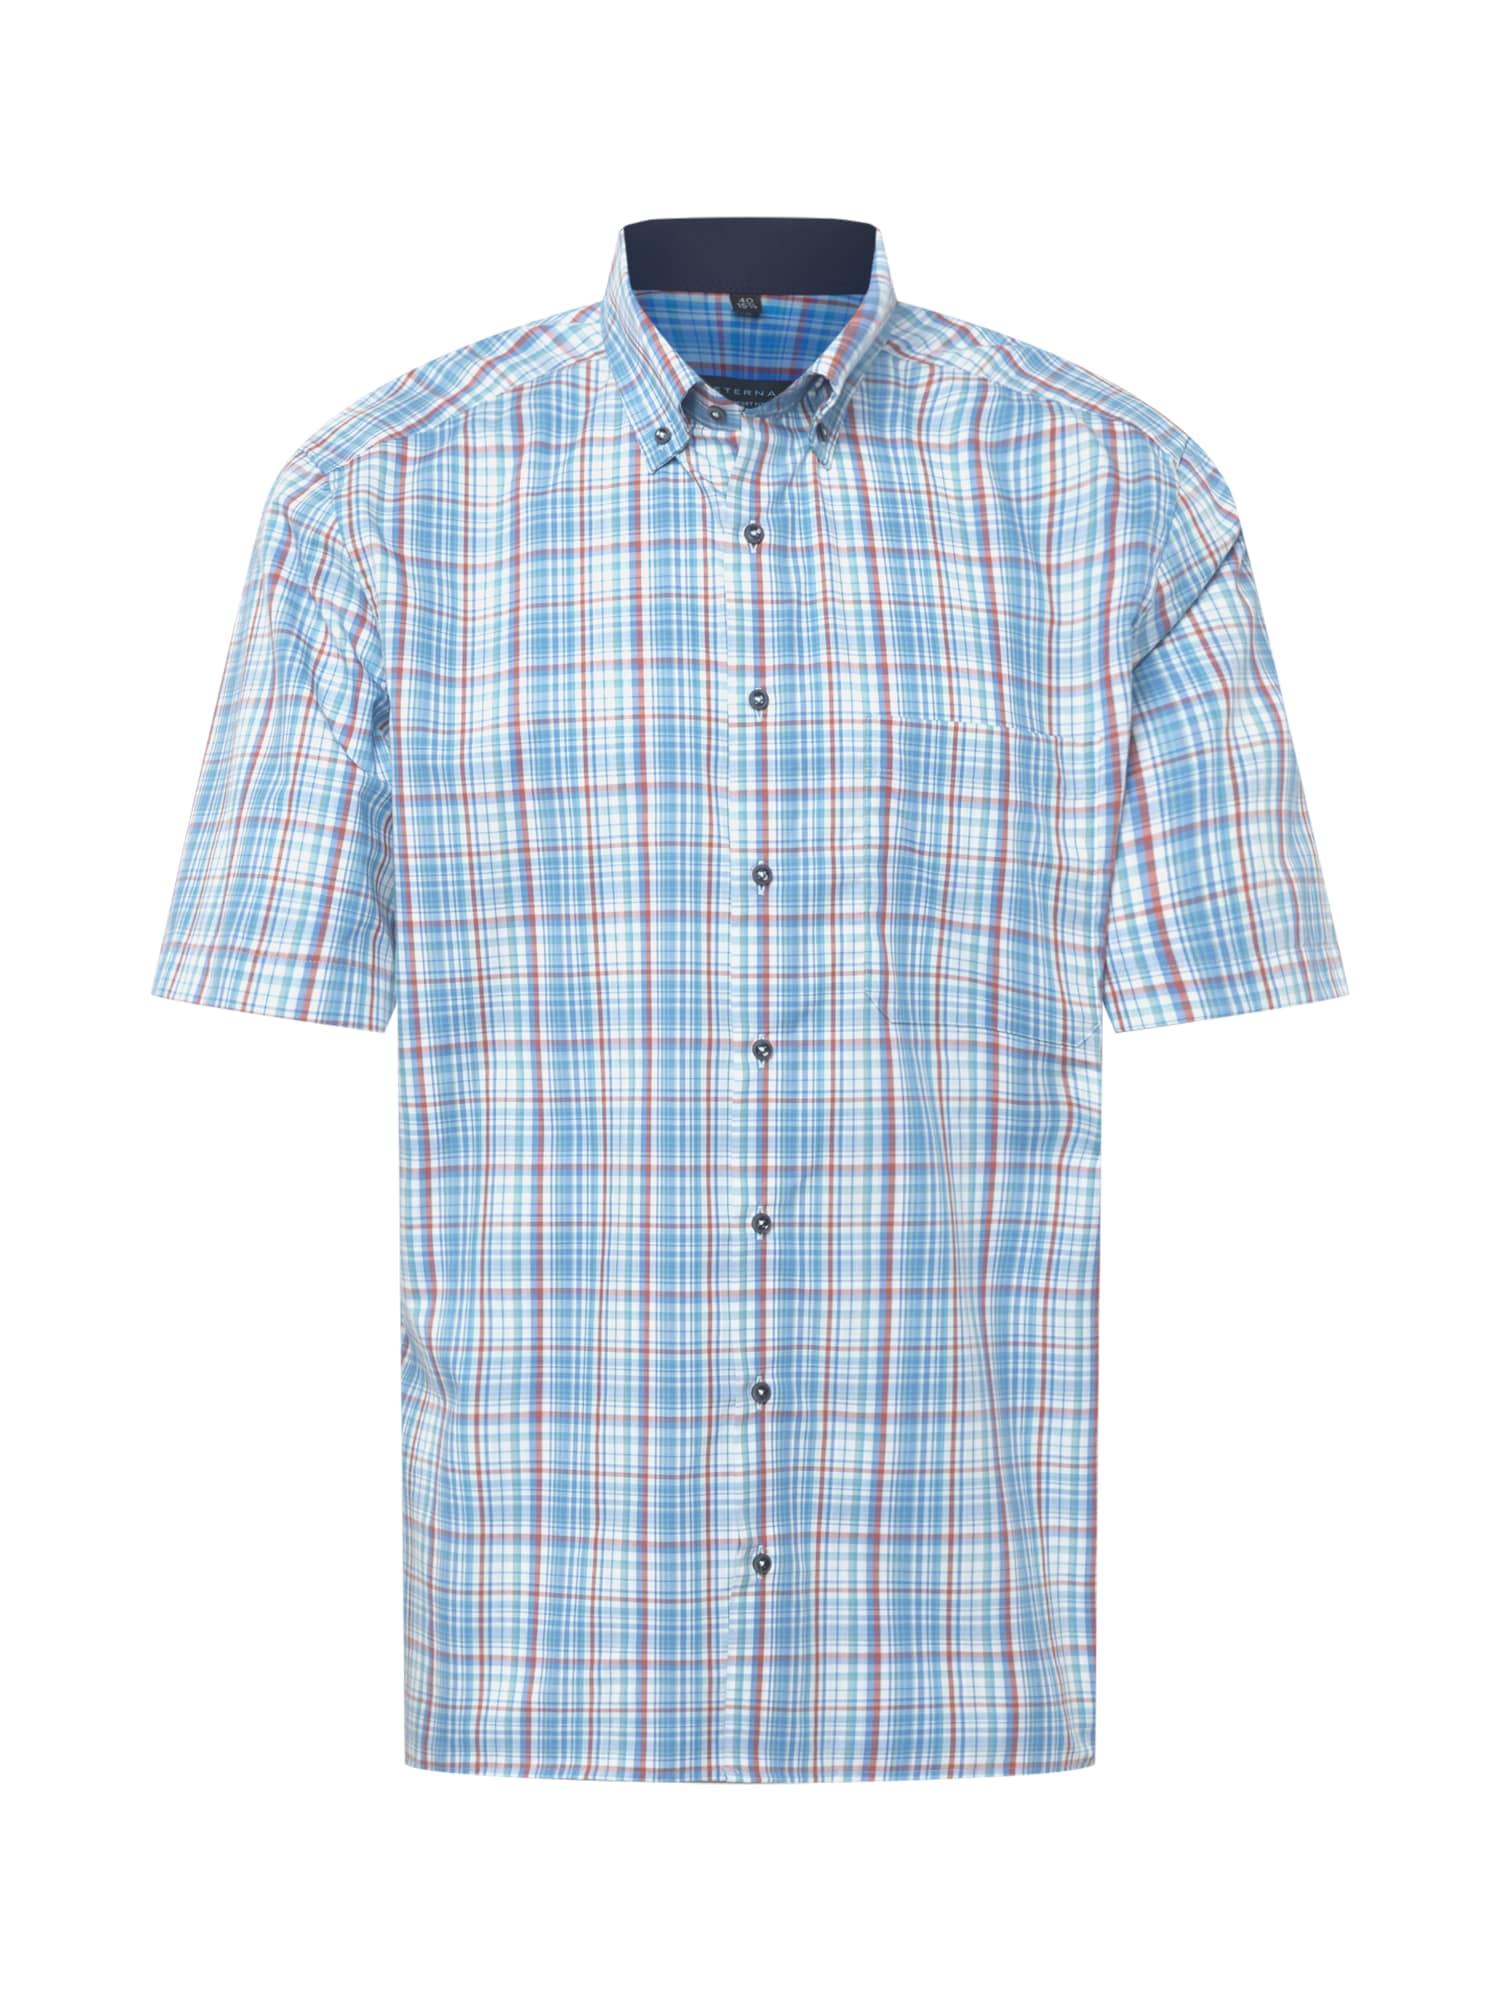 ETERNA Marškiniai mėlyna / šviesiai žalia / balta / raudona